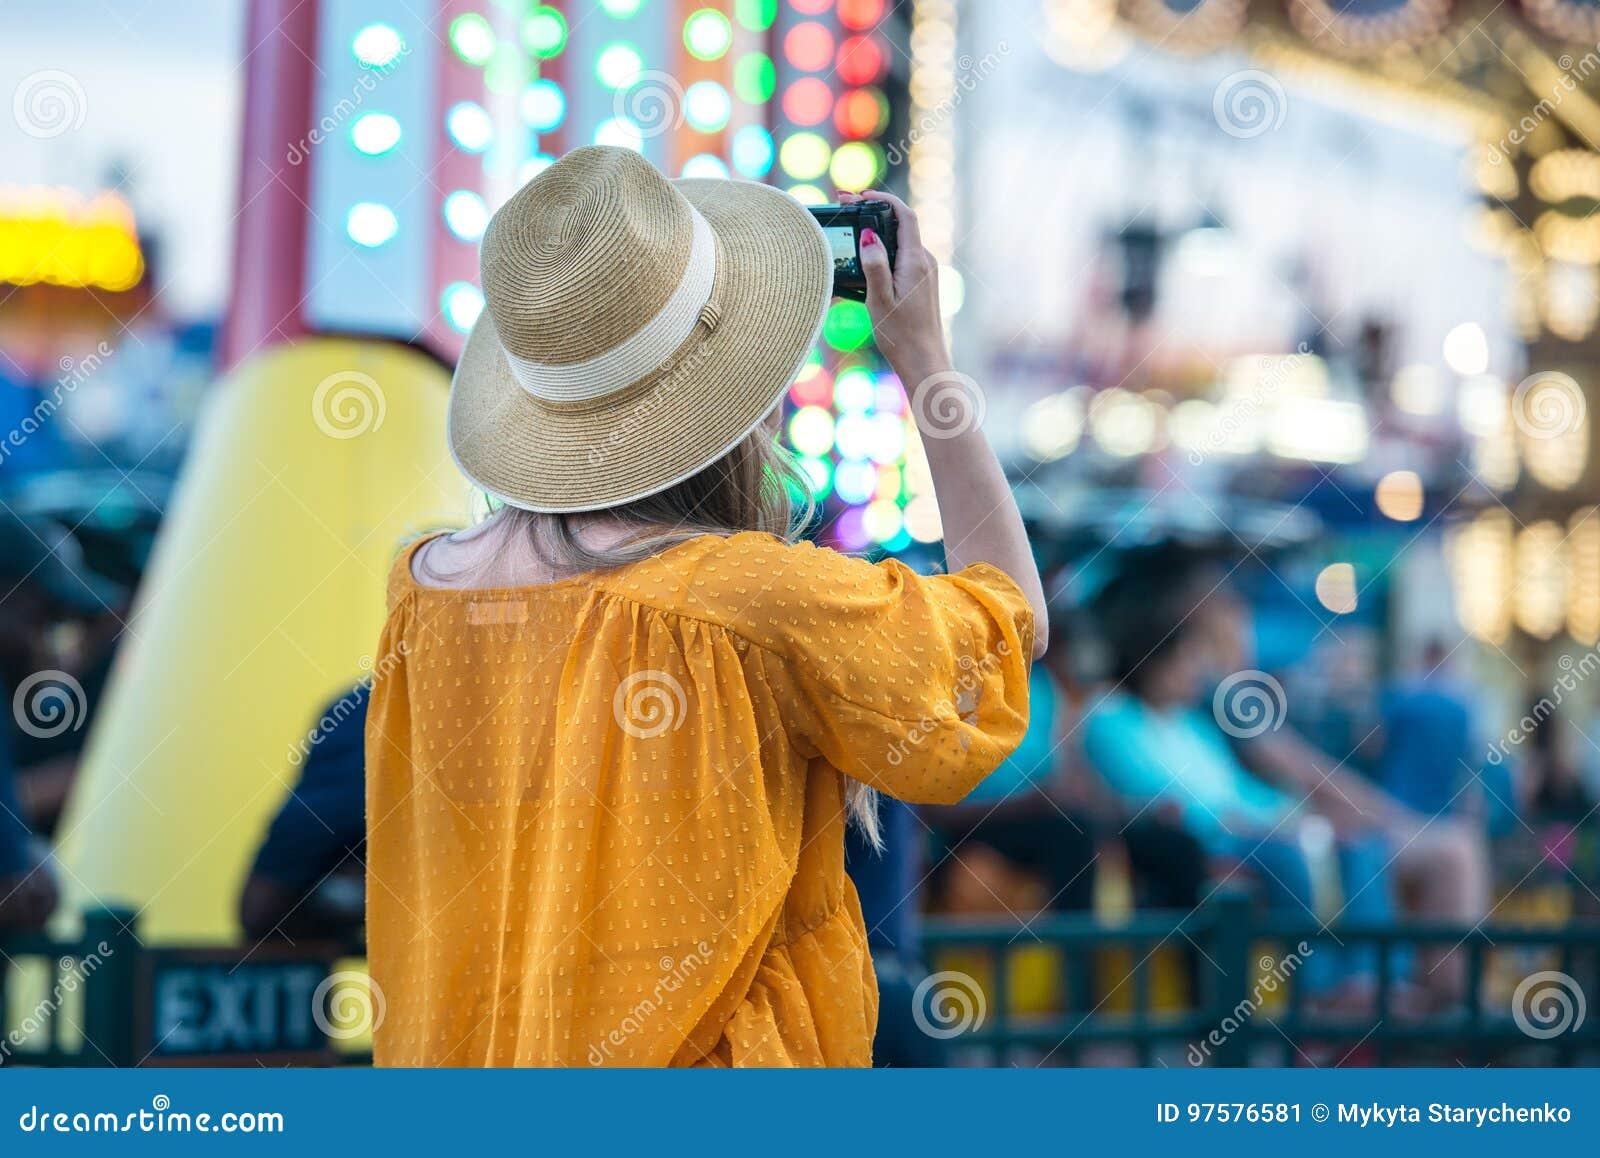 拍照片的妇女在游乐园在她的旅行期间暑假